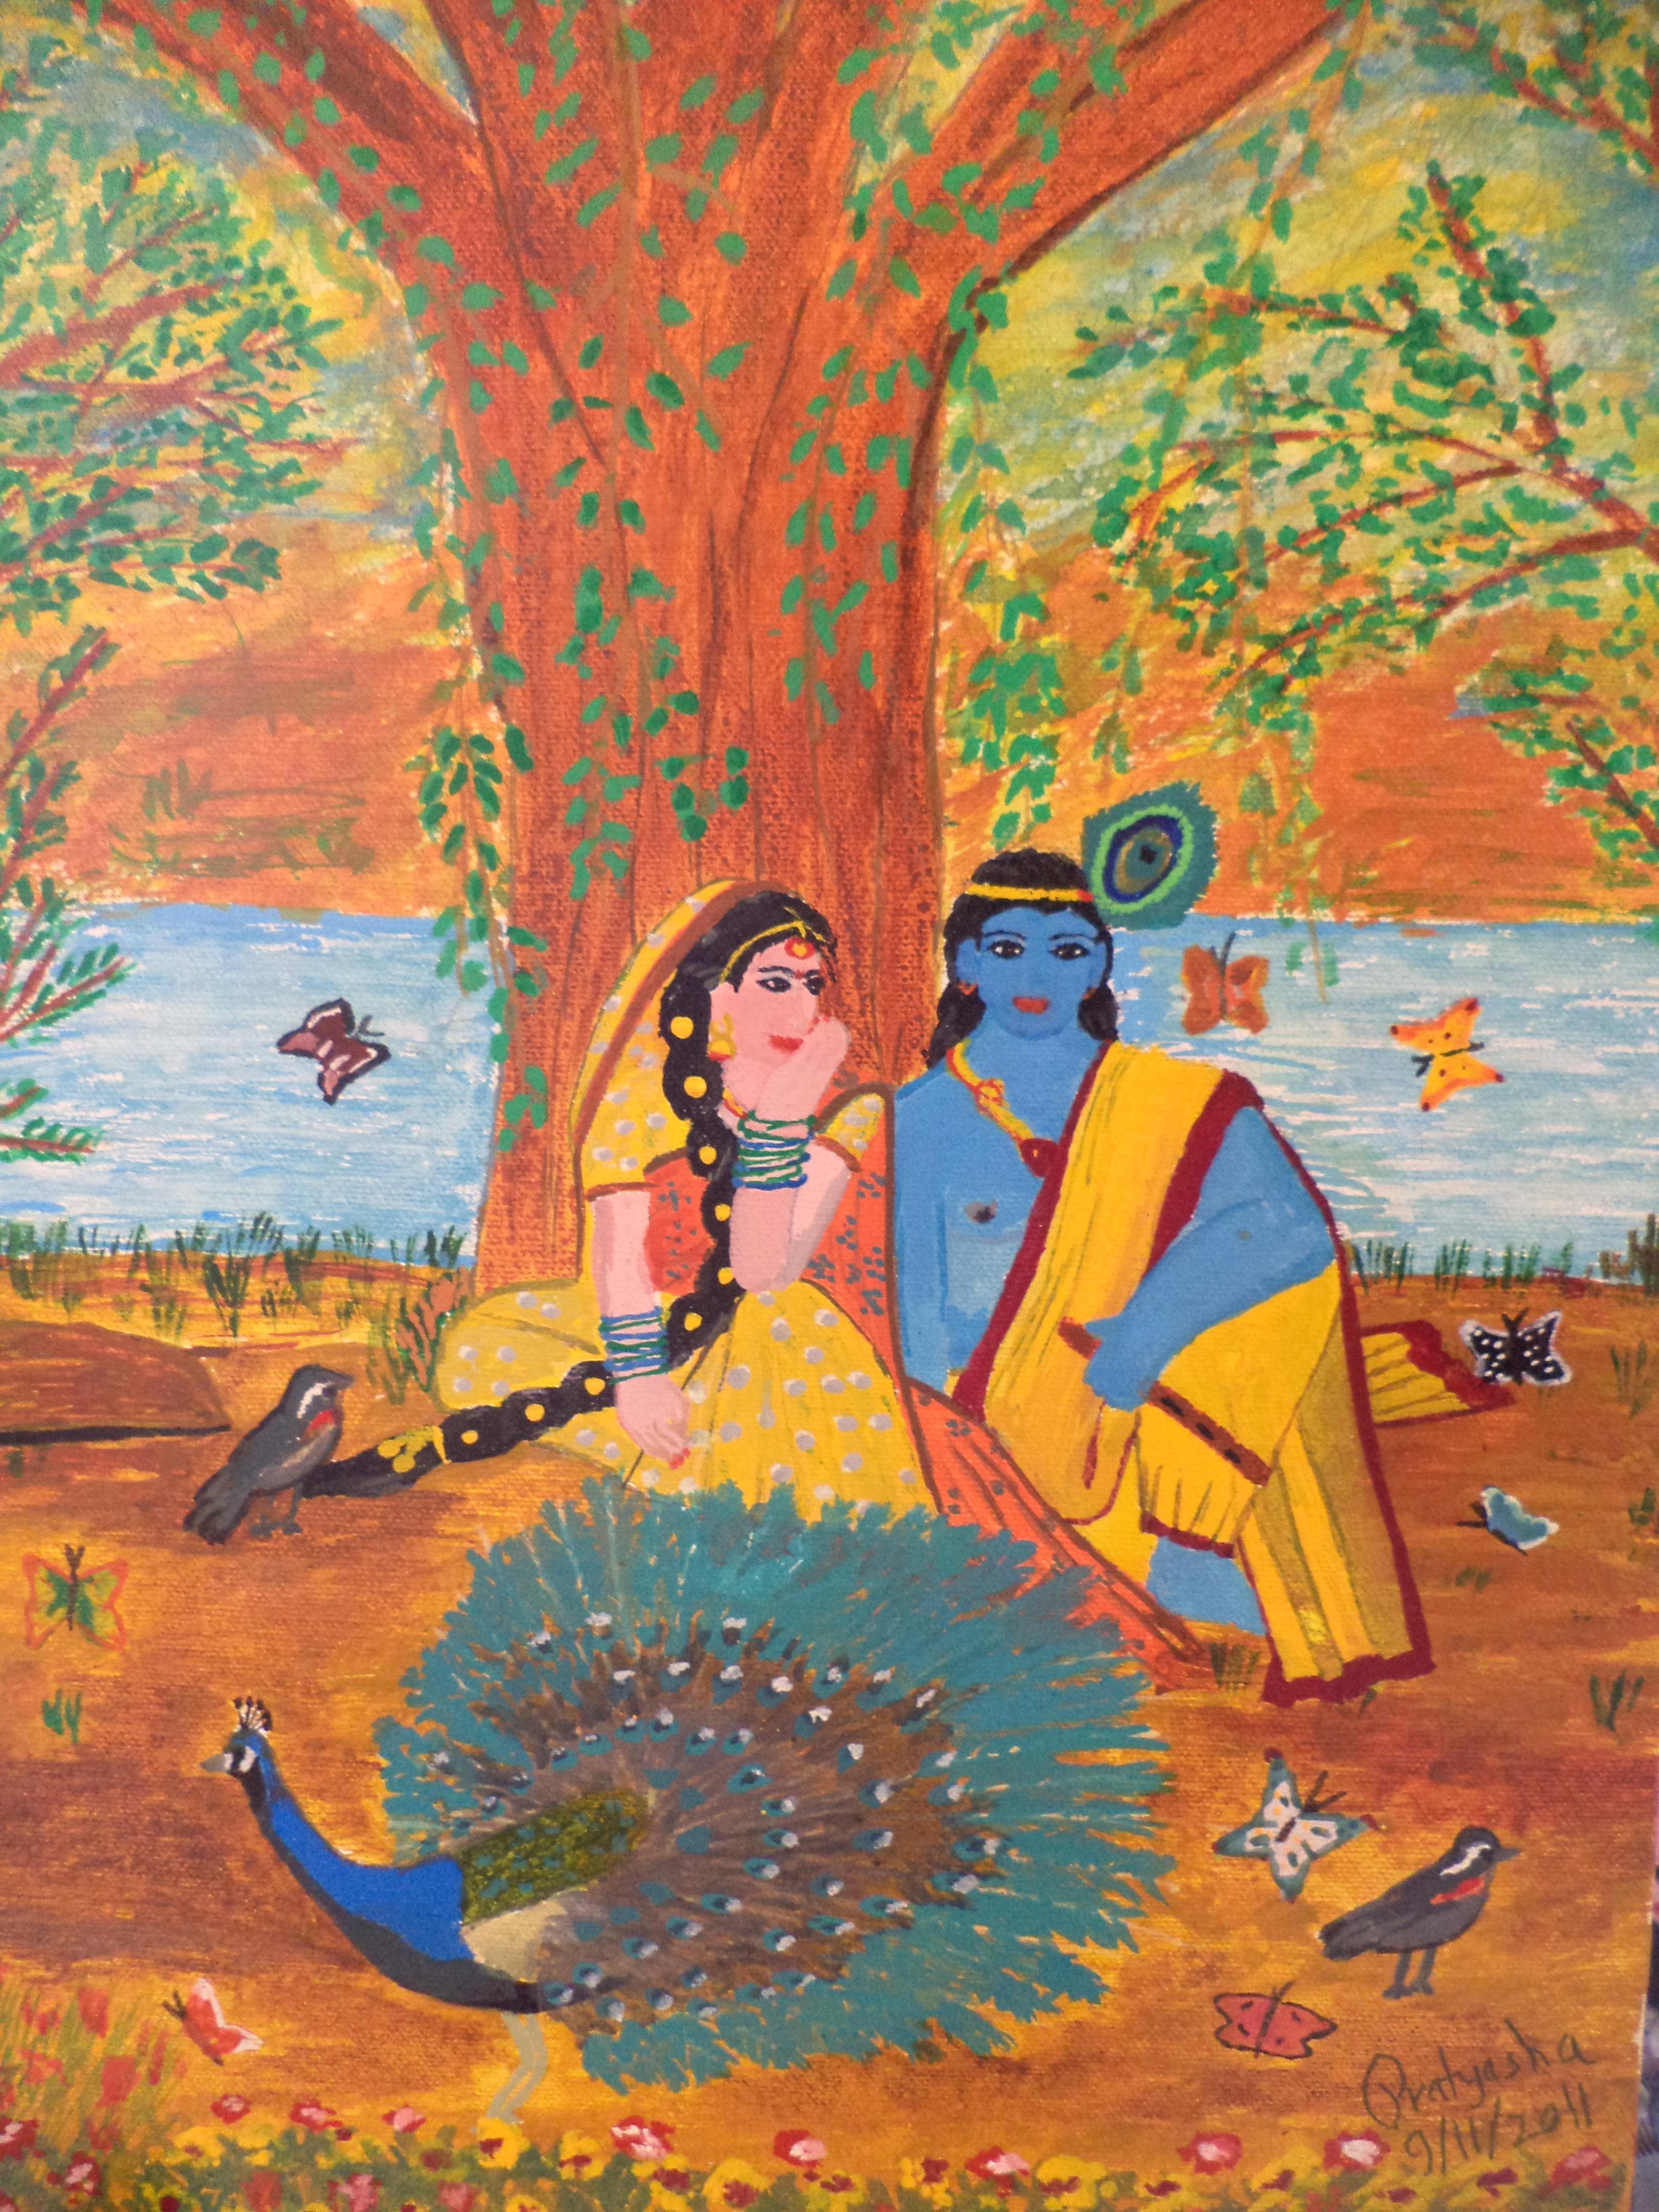 Radha Krishna by Pratyasha on DeviantArt